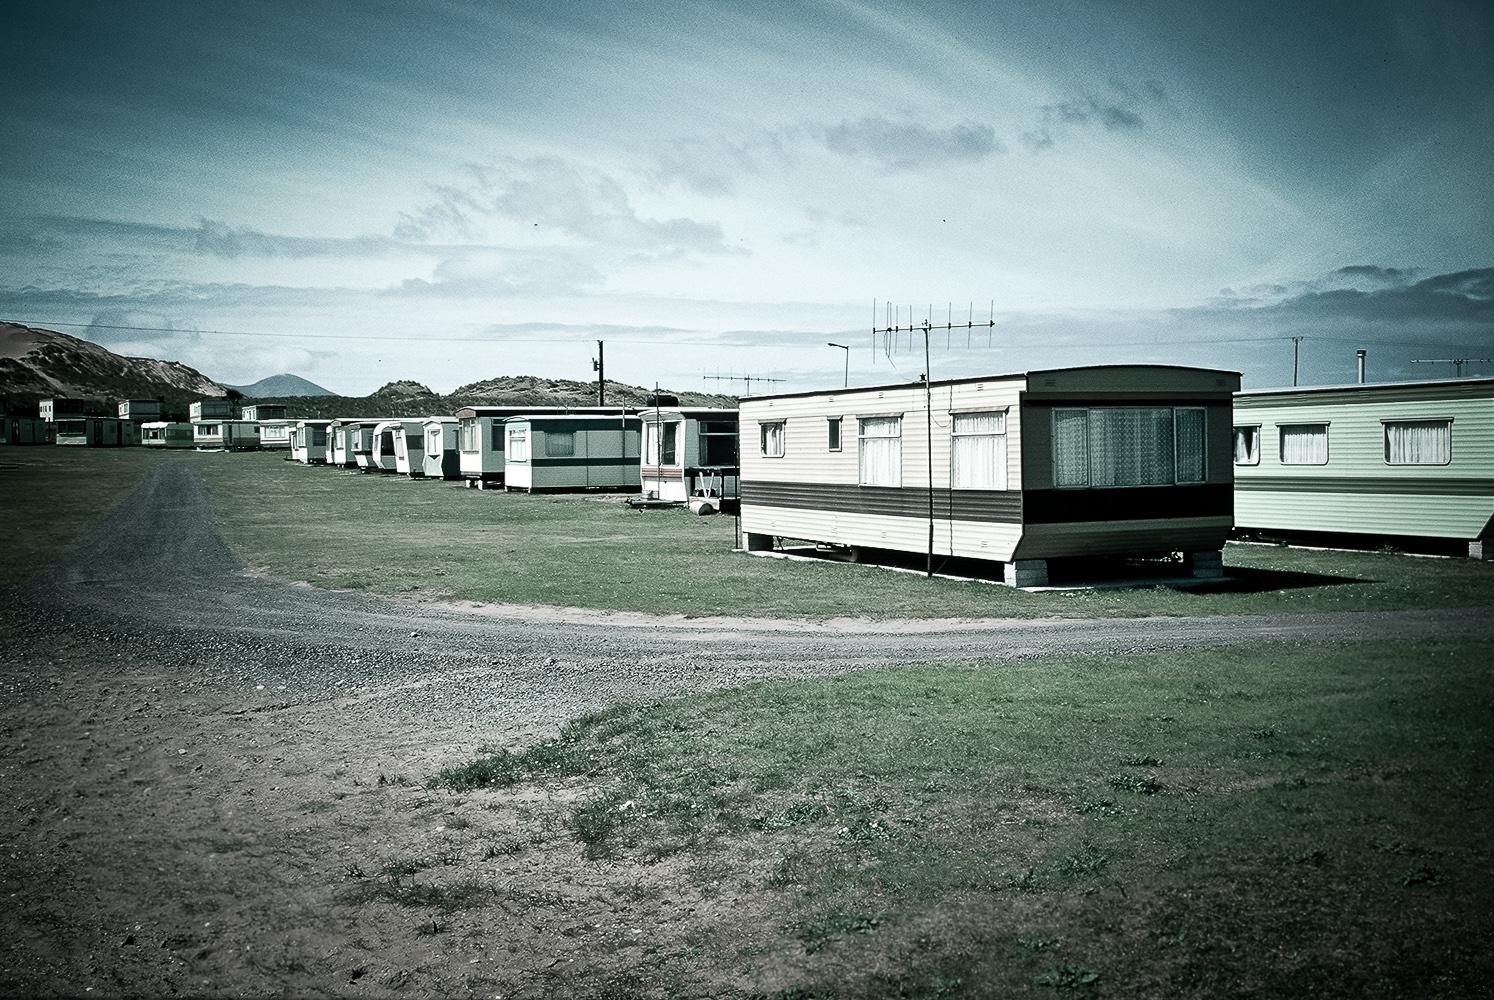 Camp-caravan--Wellington-photographer-Paul-Fisher.jpg